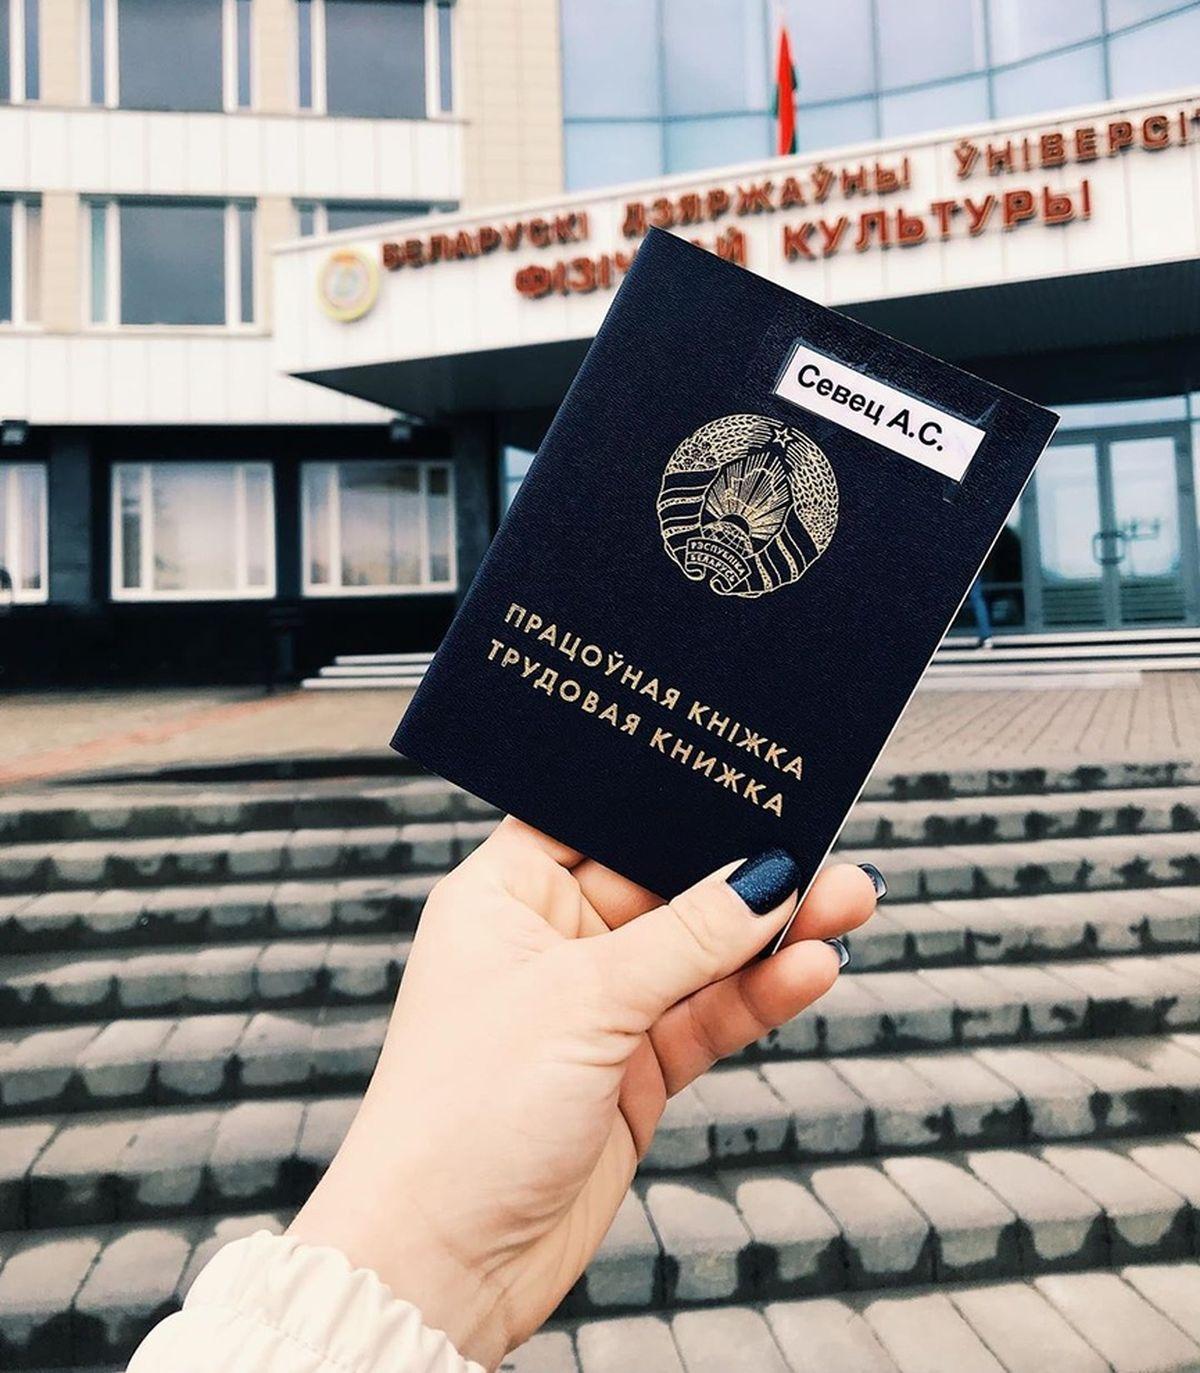 БГУФК, Беларусь. Фото: личный архив Алины СЕВЕЦ